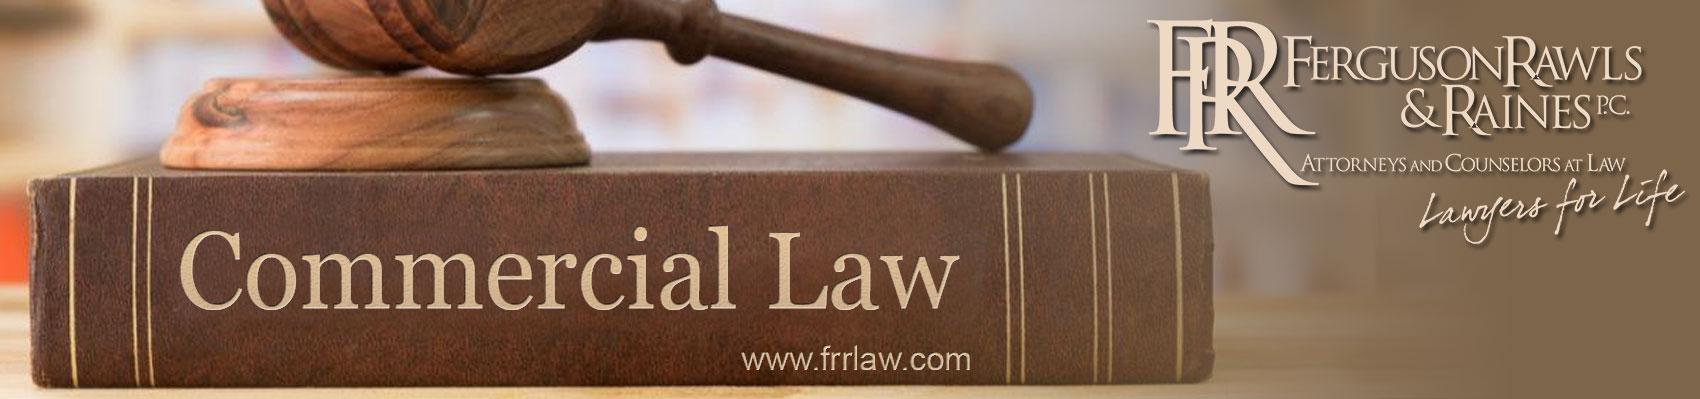 frr_commercial_law.jpg